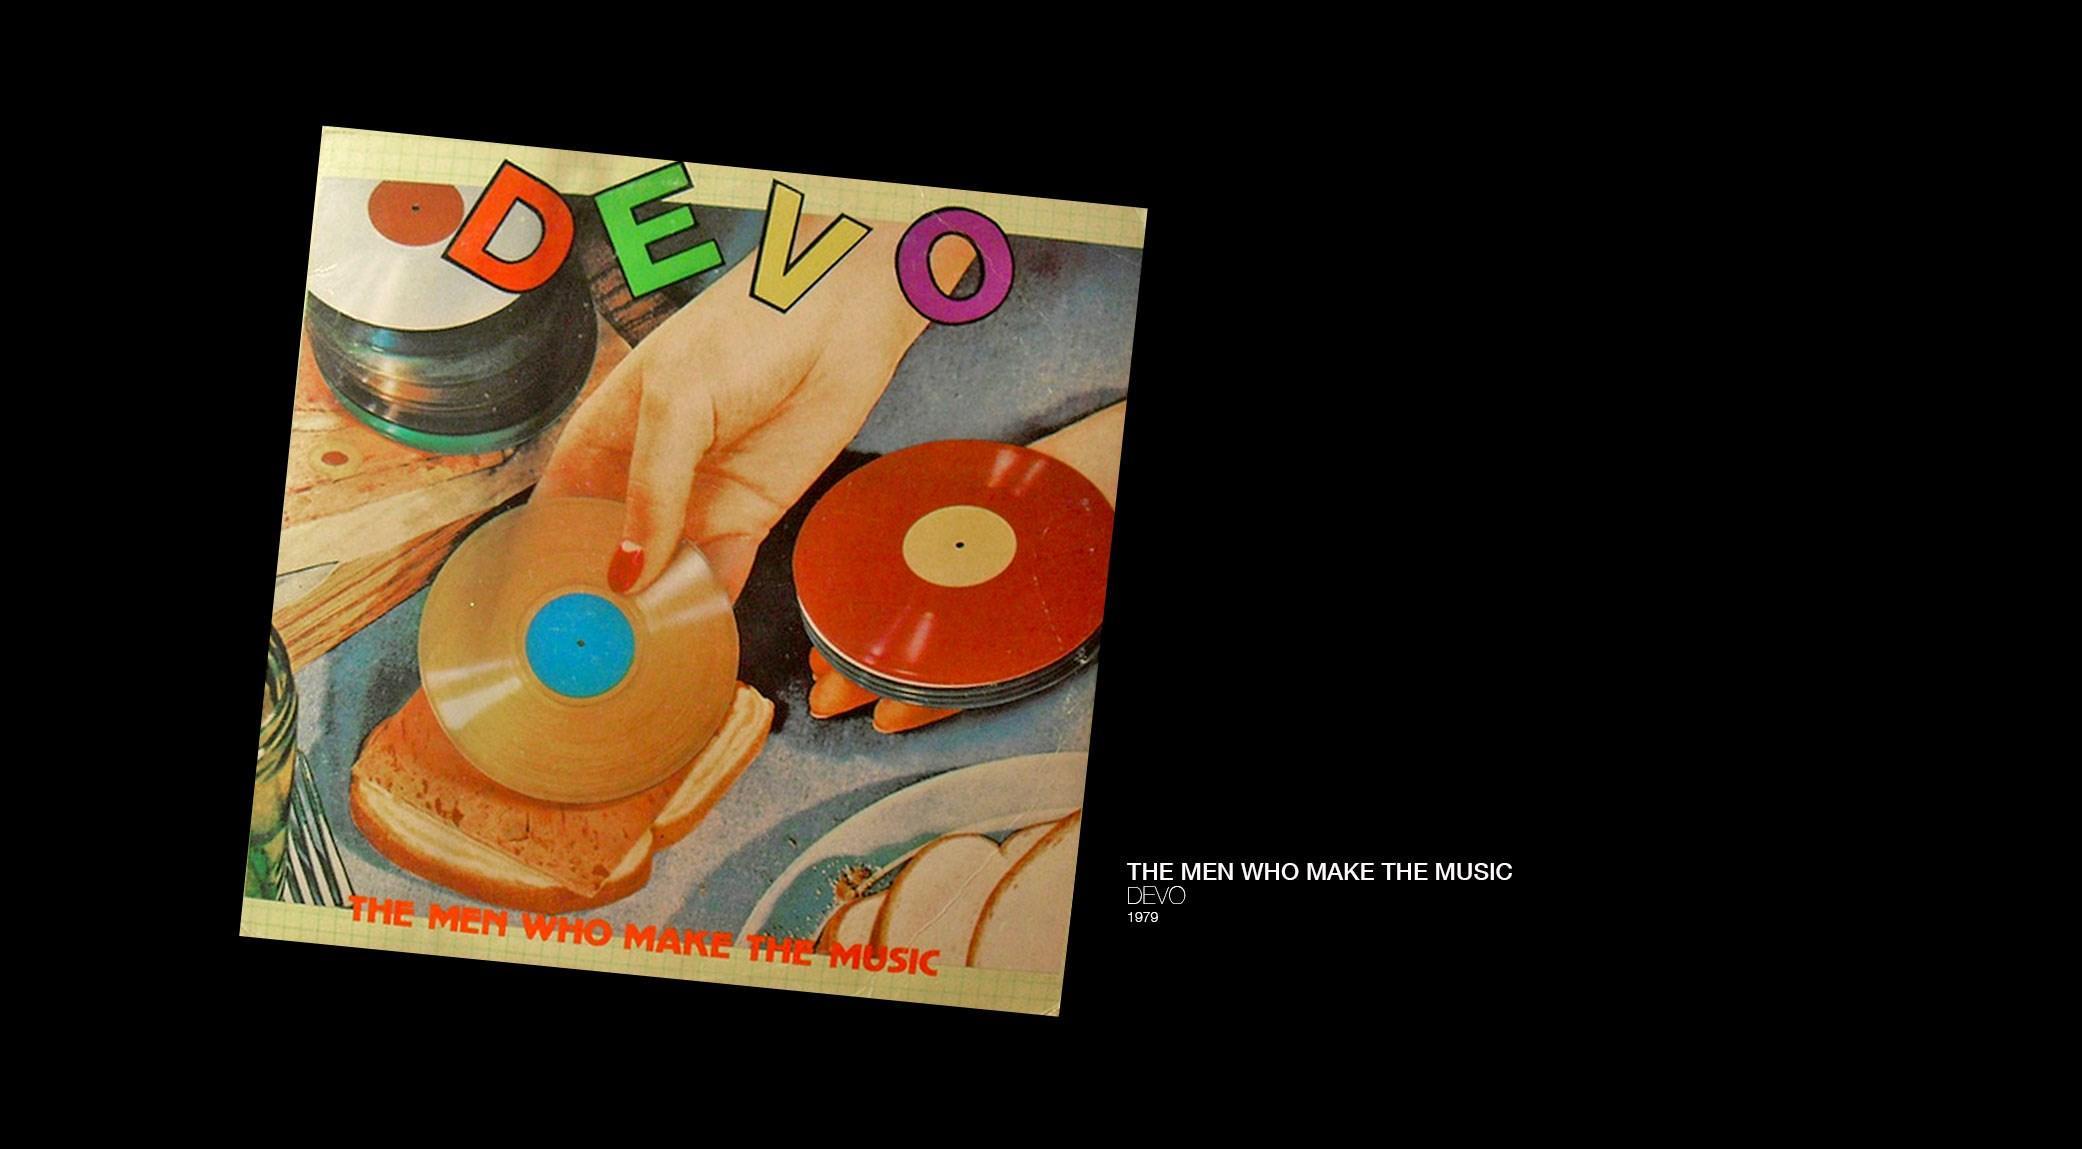 The Men Who Make the Music, Devo